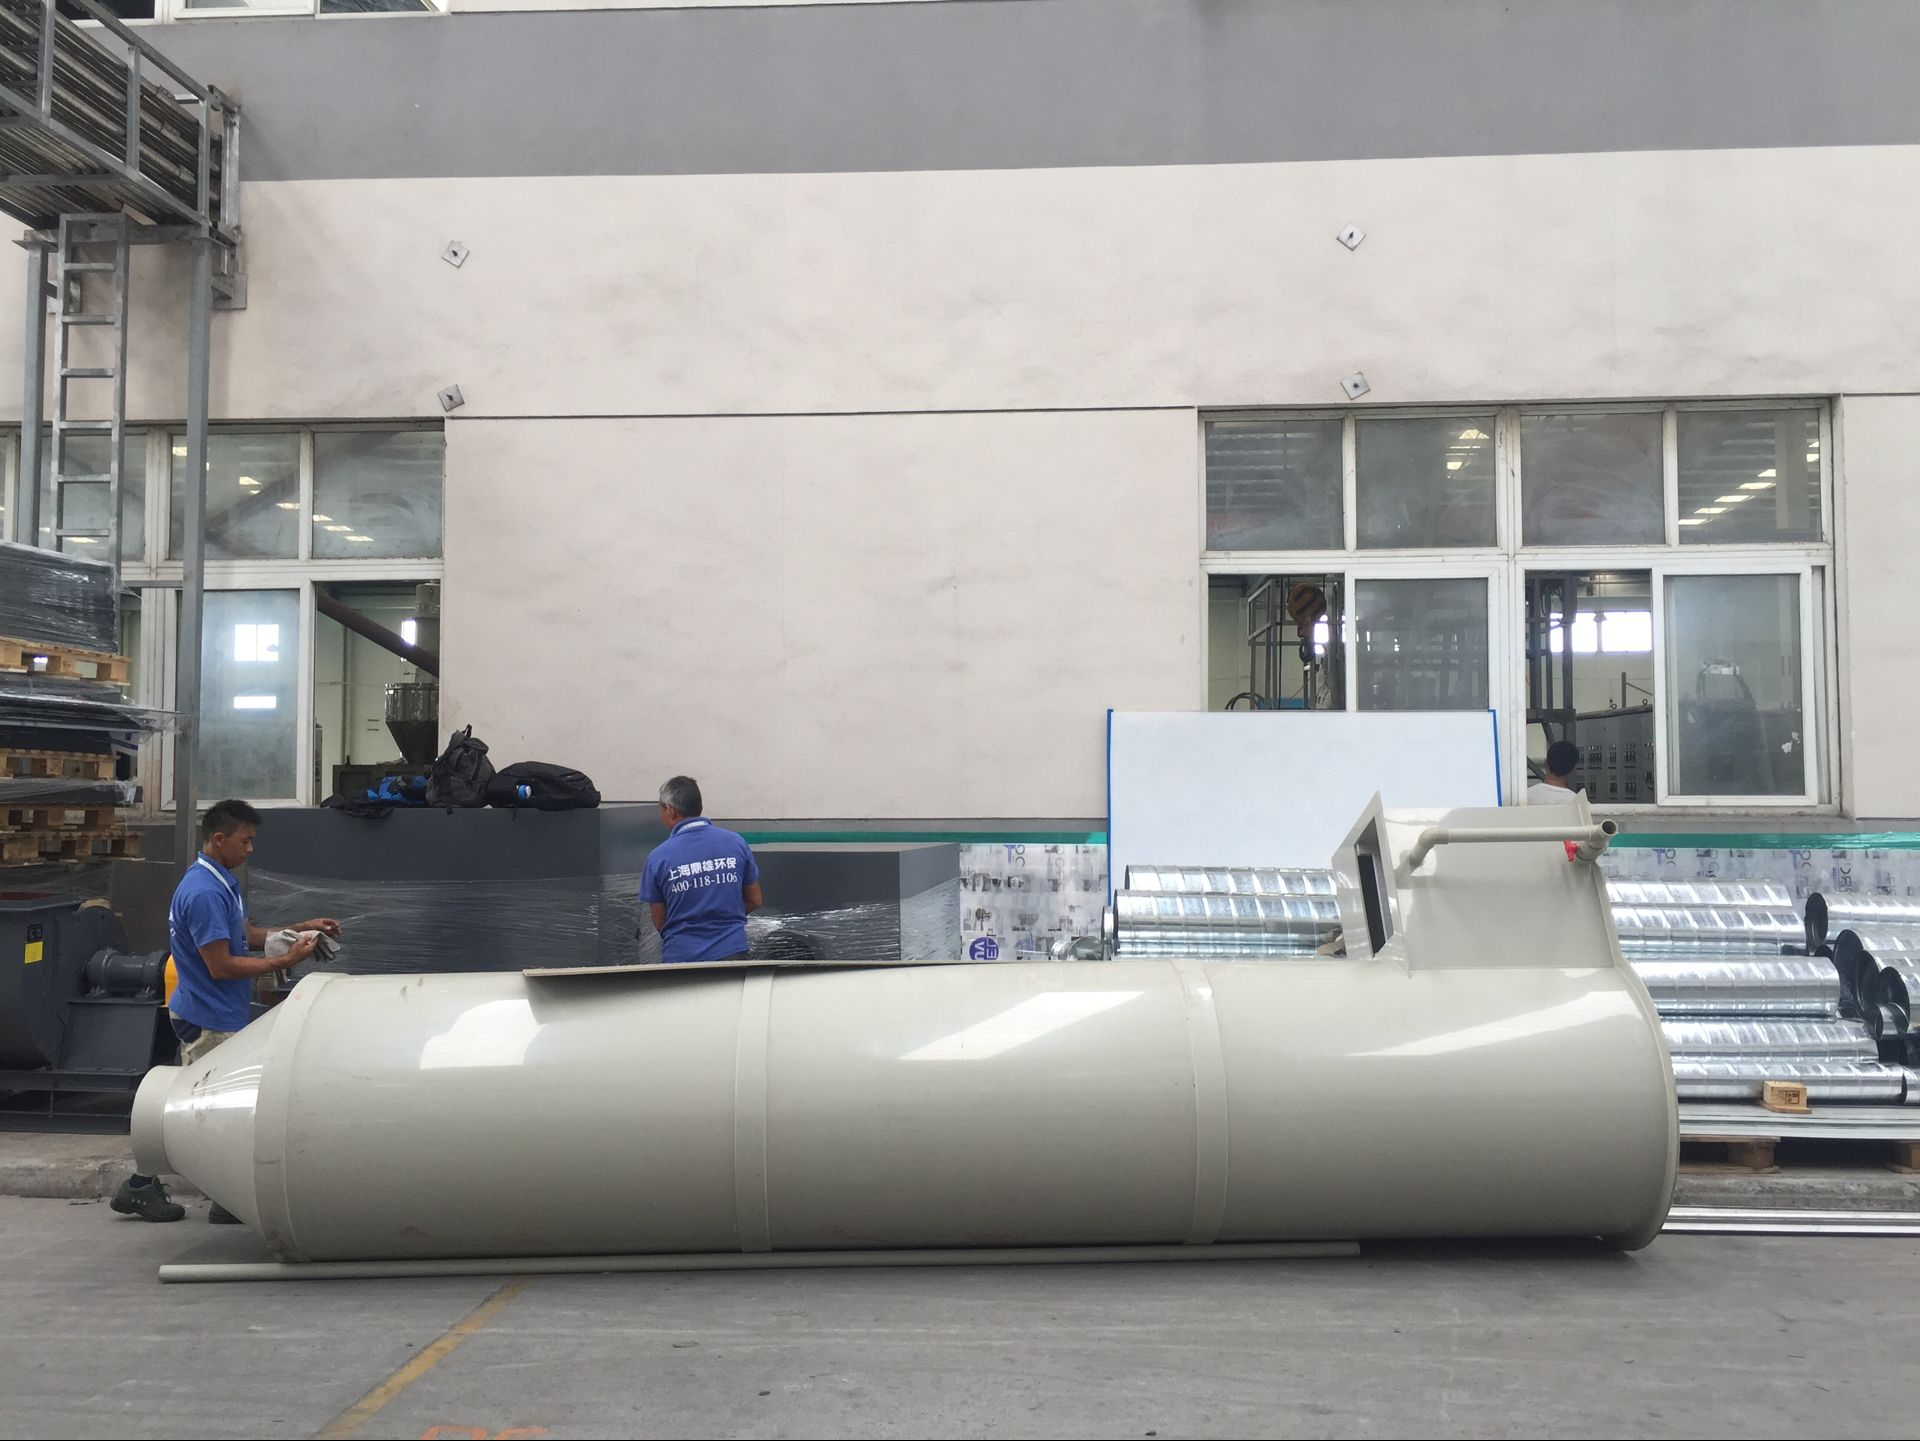 品诚塑胶科技(上海)有限公司 (7).png